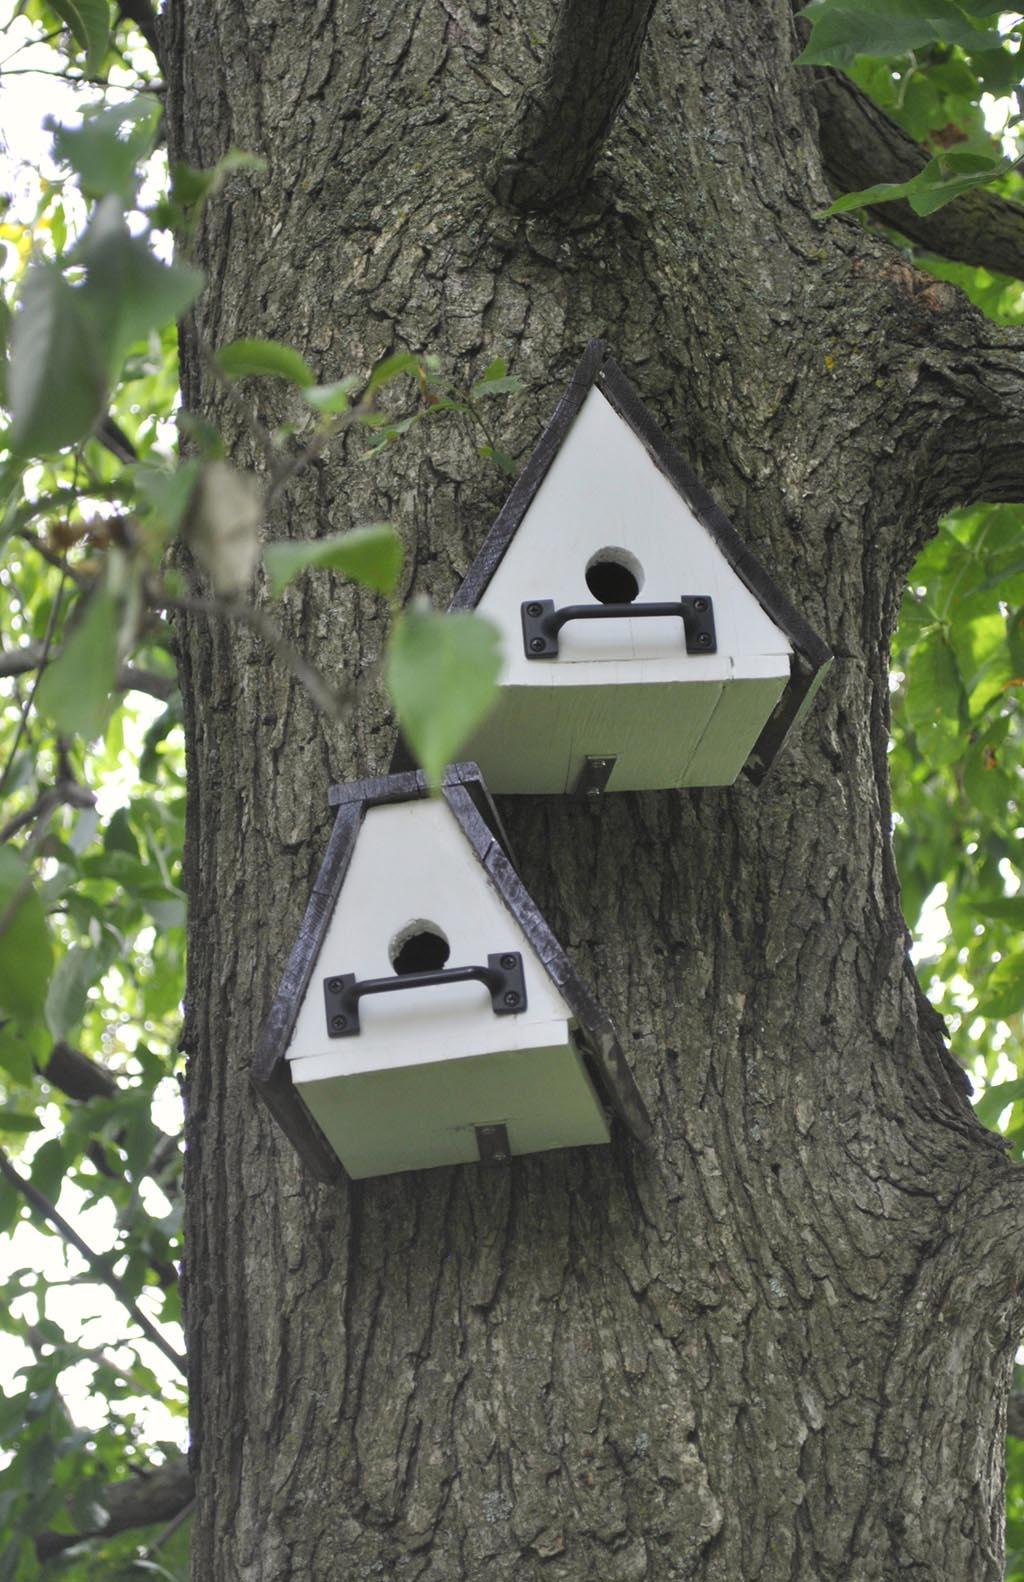 DIY Bird House Pole